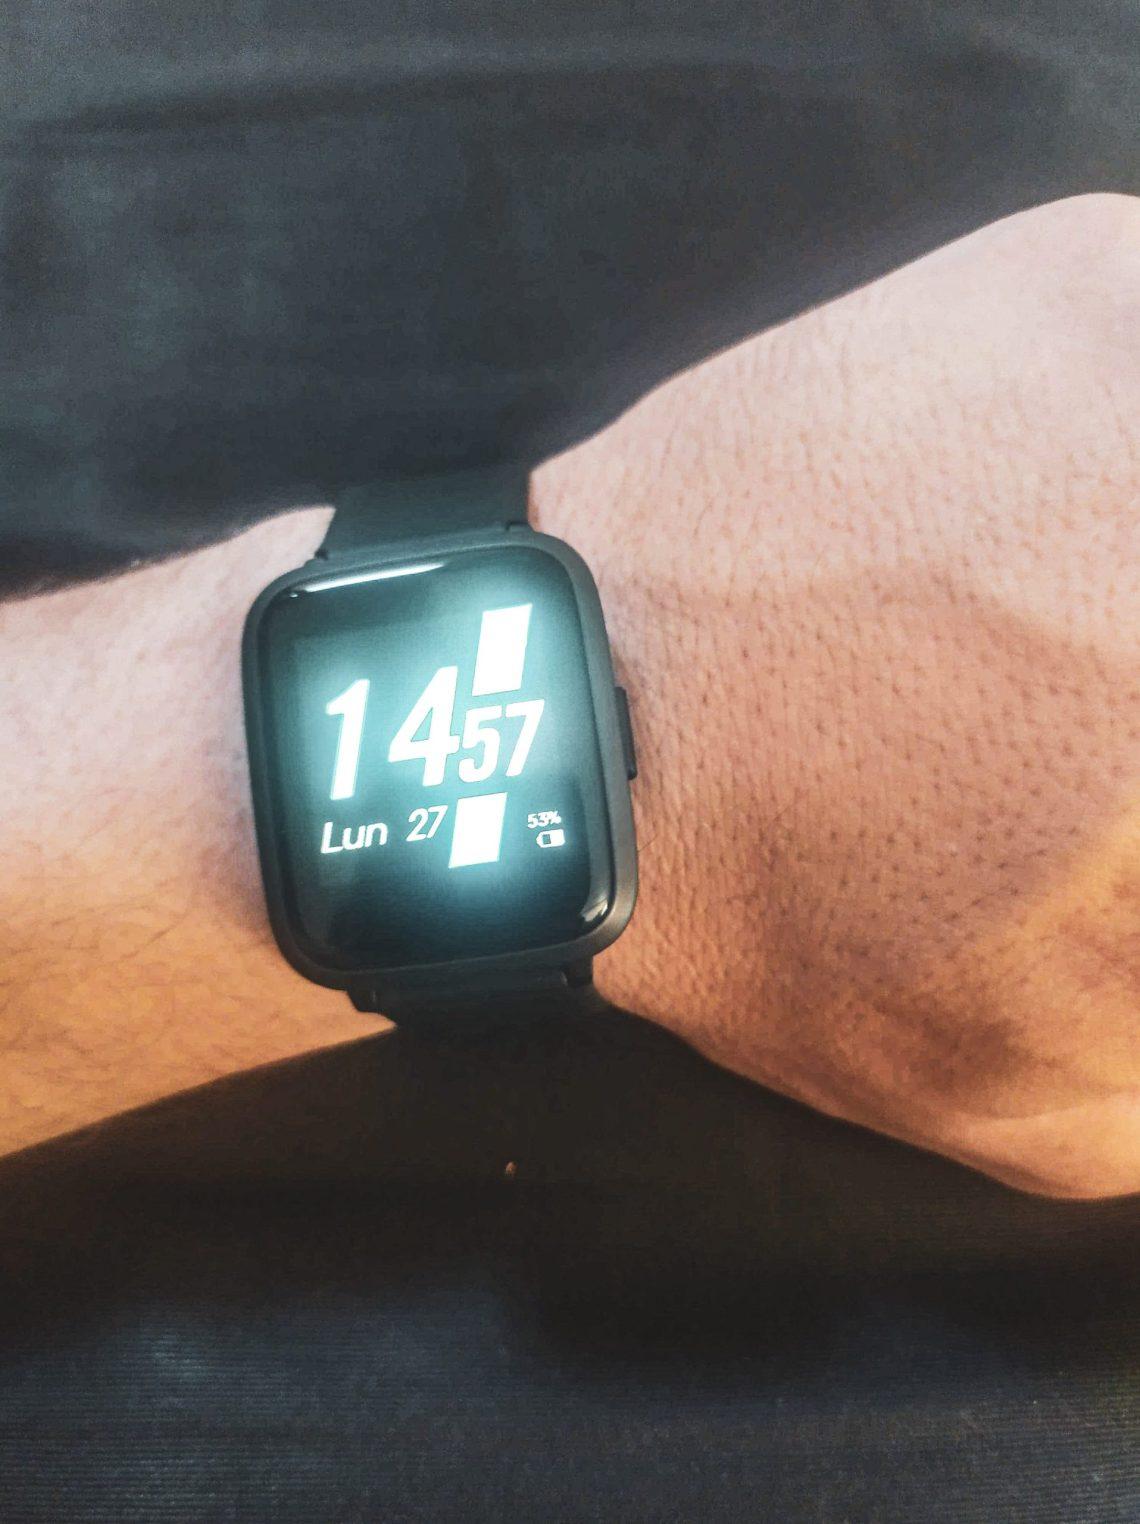 Zoom & Avis : Que vaut la montre Smart Watch Ufit Umidigi ?